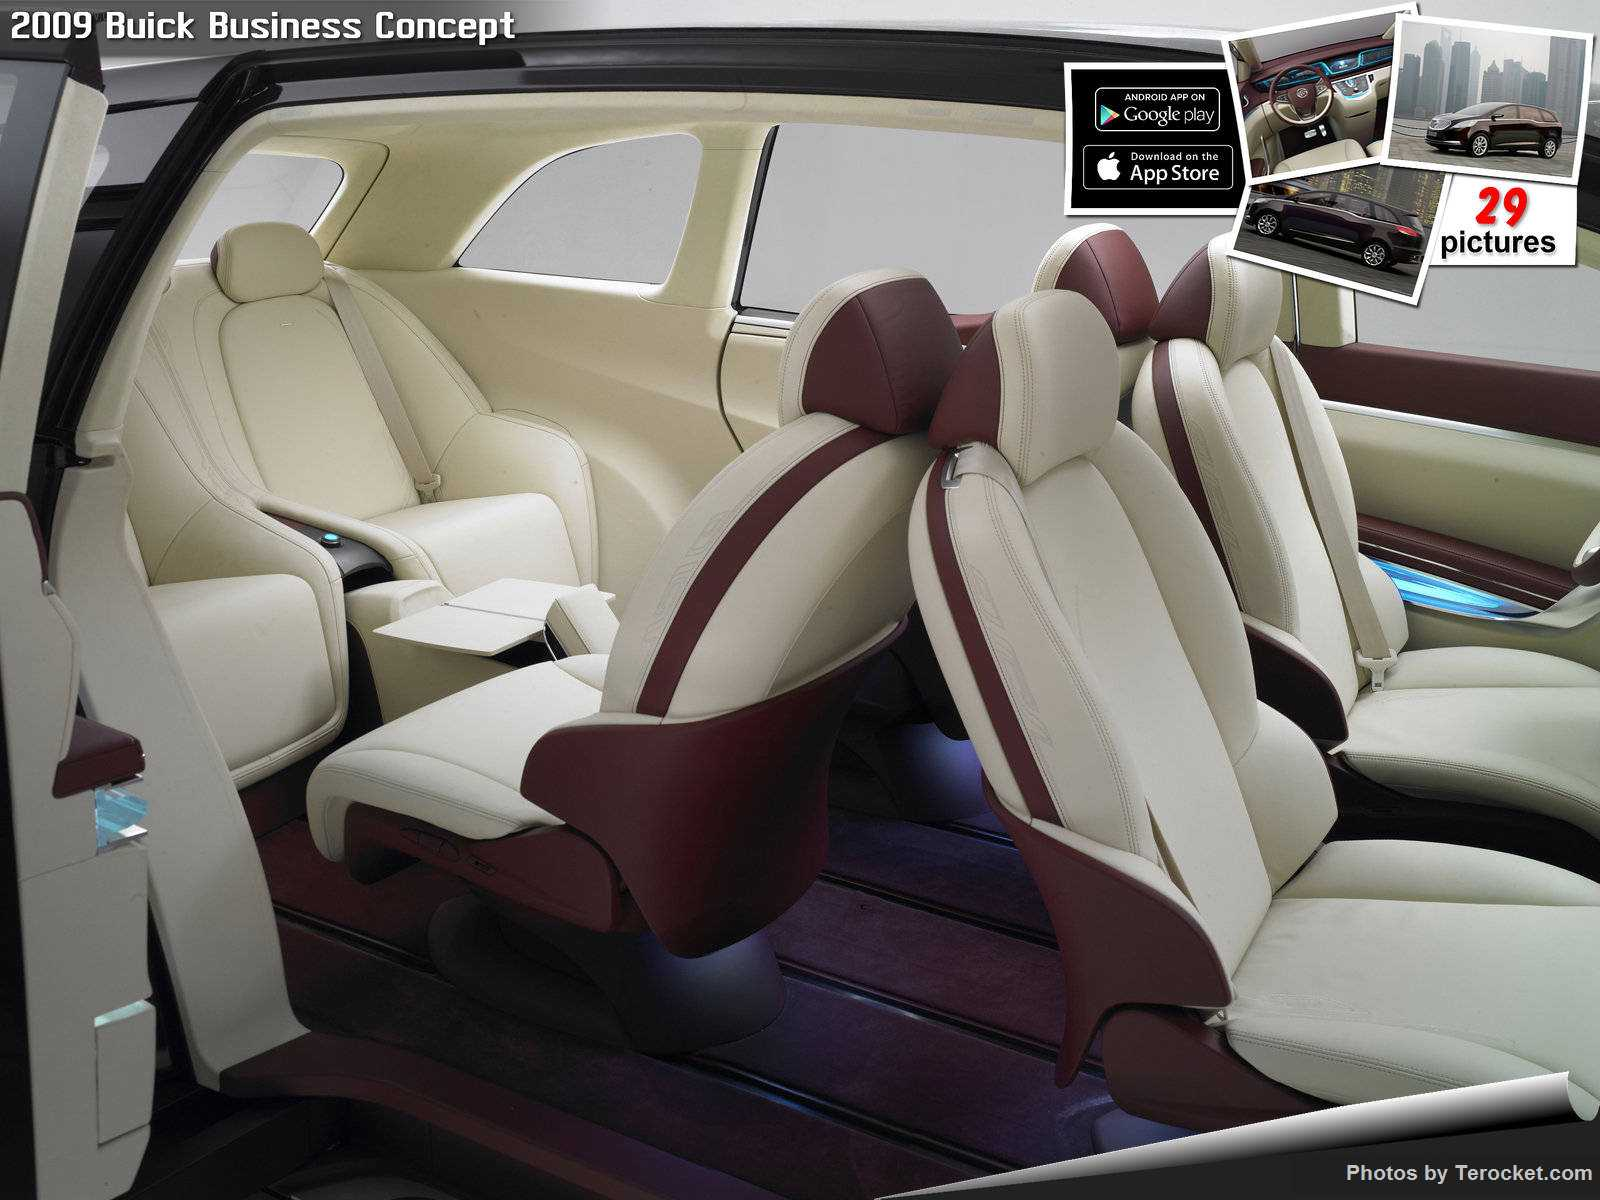 Hình ảnh xe ô tô Buick Business Concept 2009 & nội ngoại thất